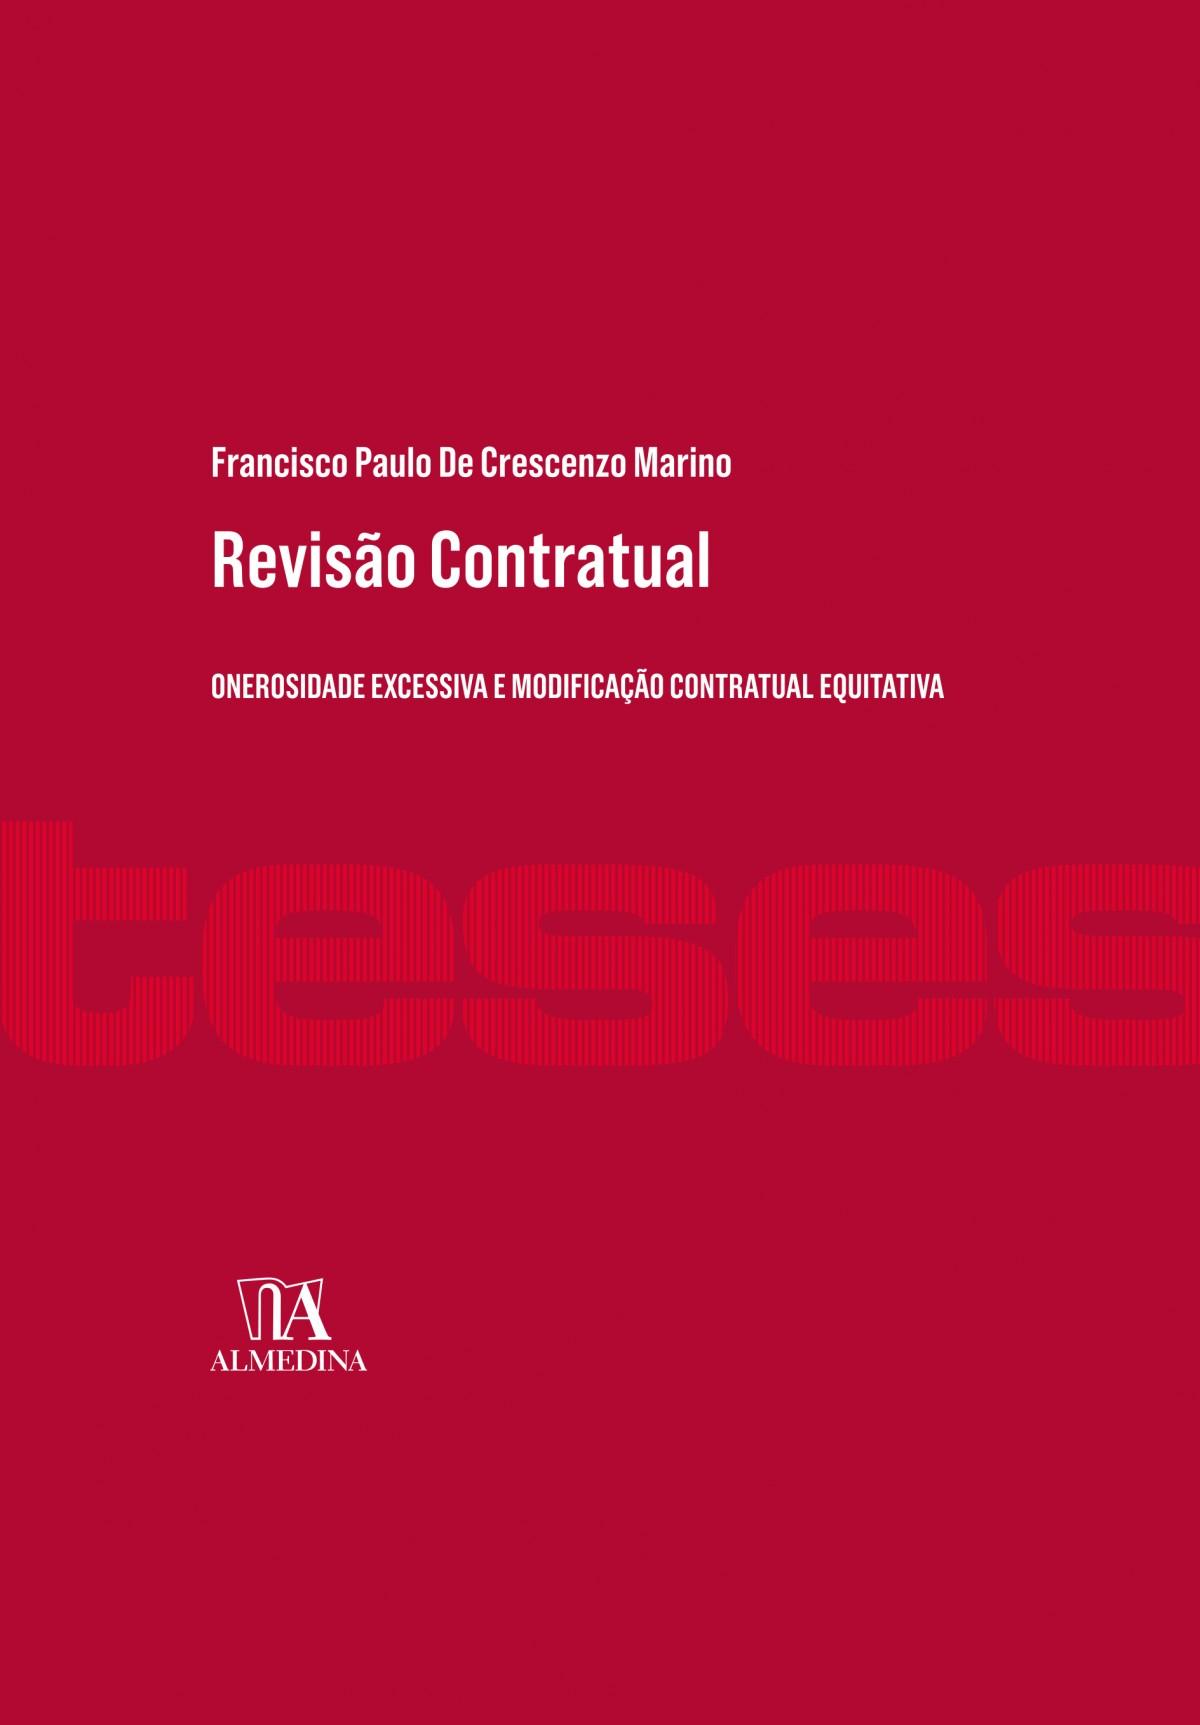 Foto 1 - Revisão Contratual - Onerosidade Excessiva e Modificação Contratual Equitativa